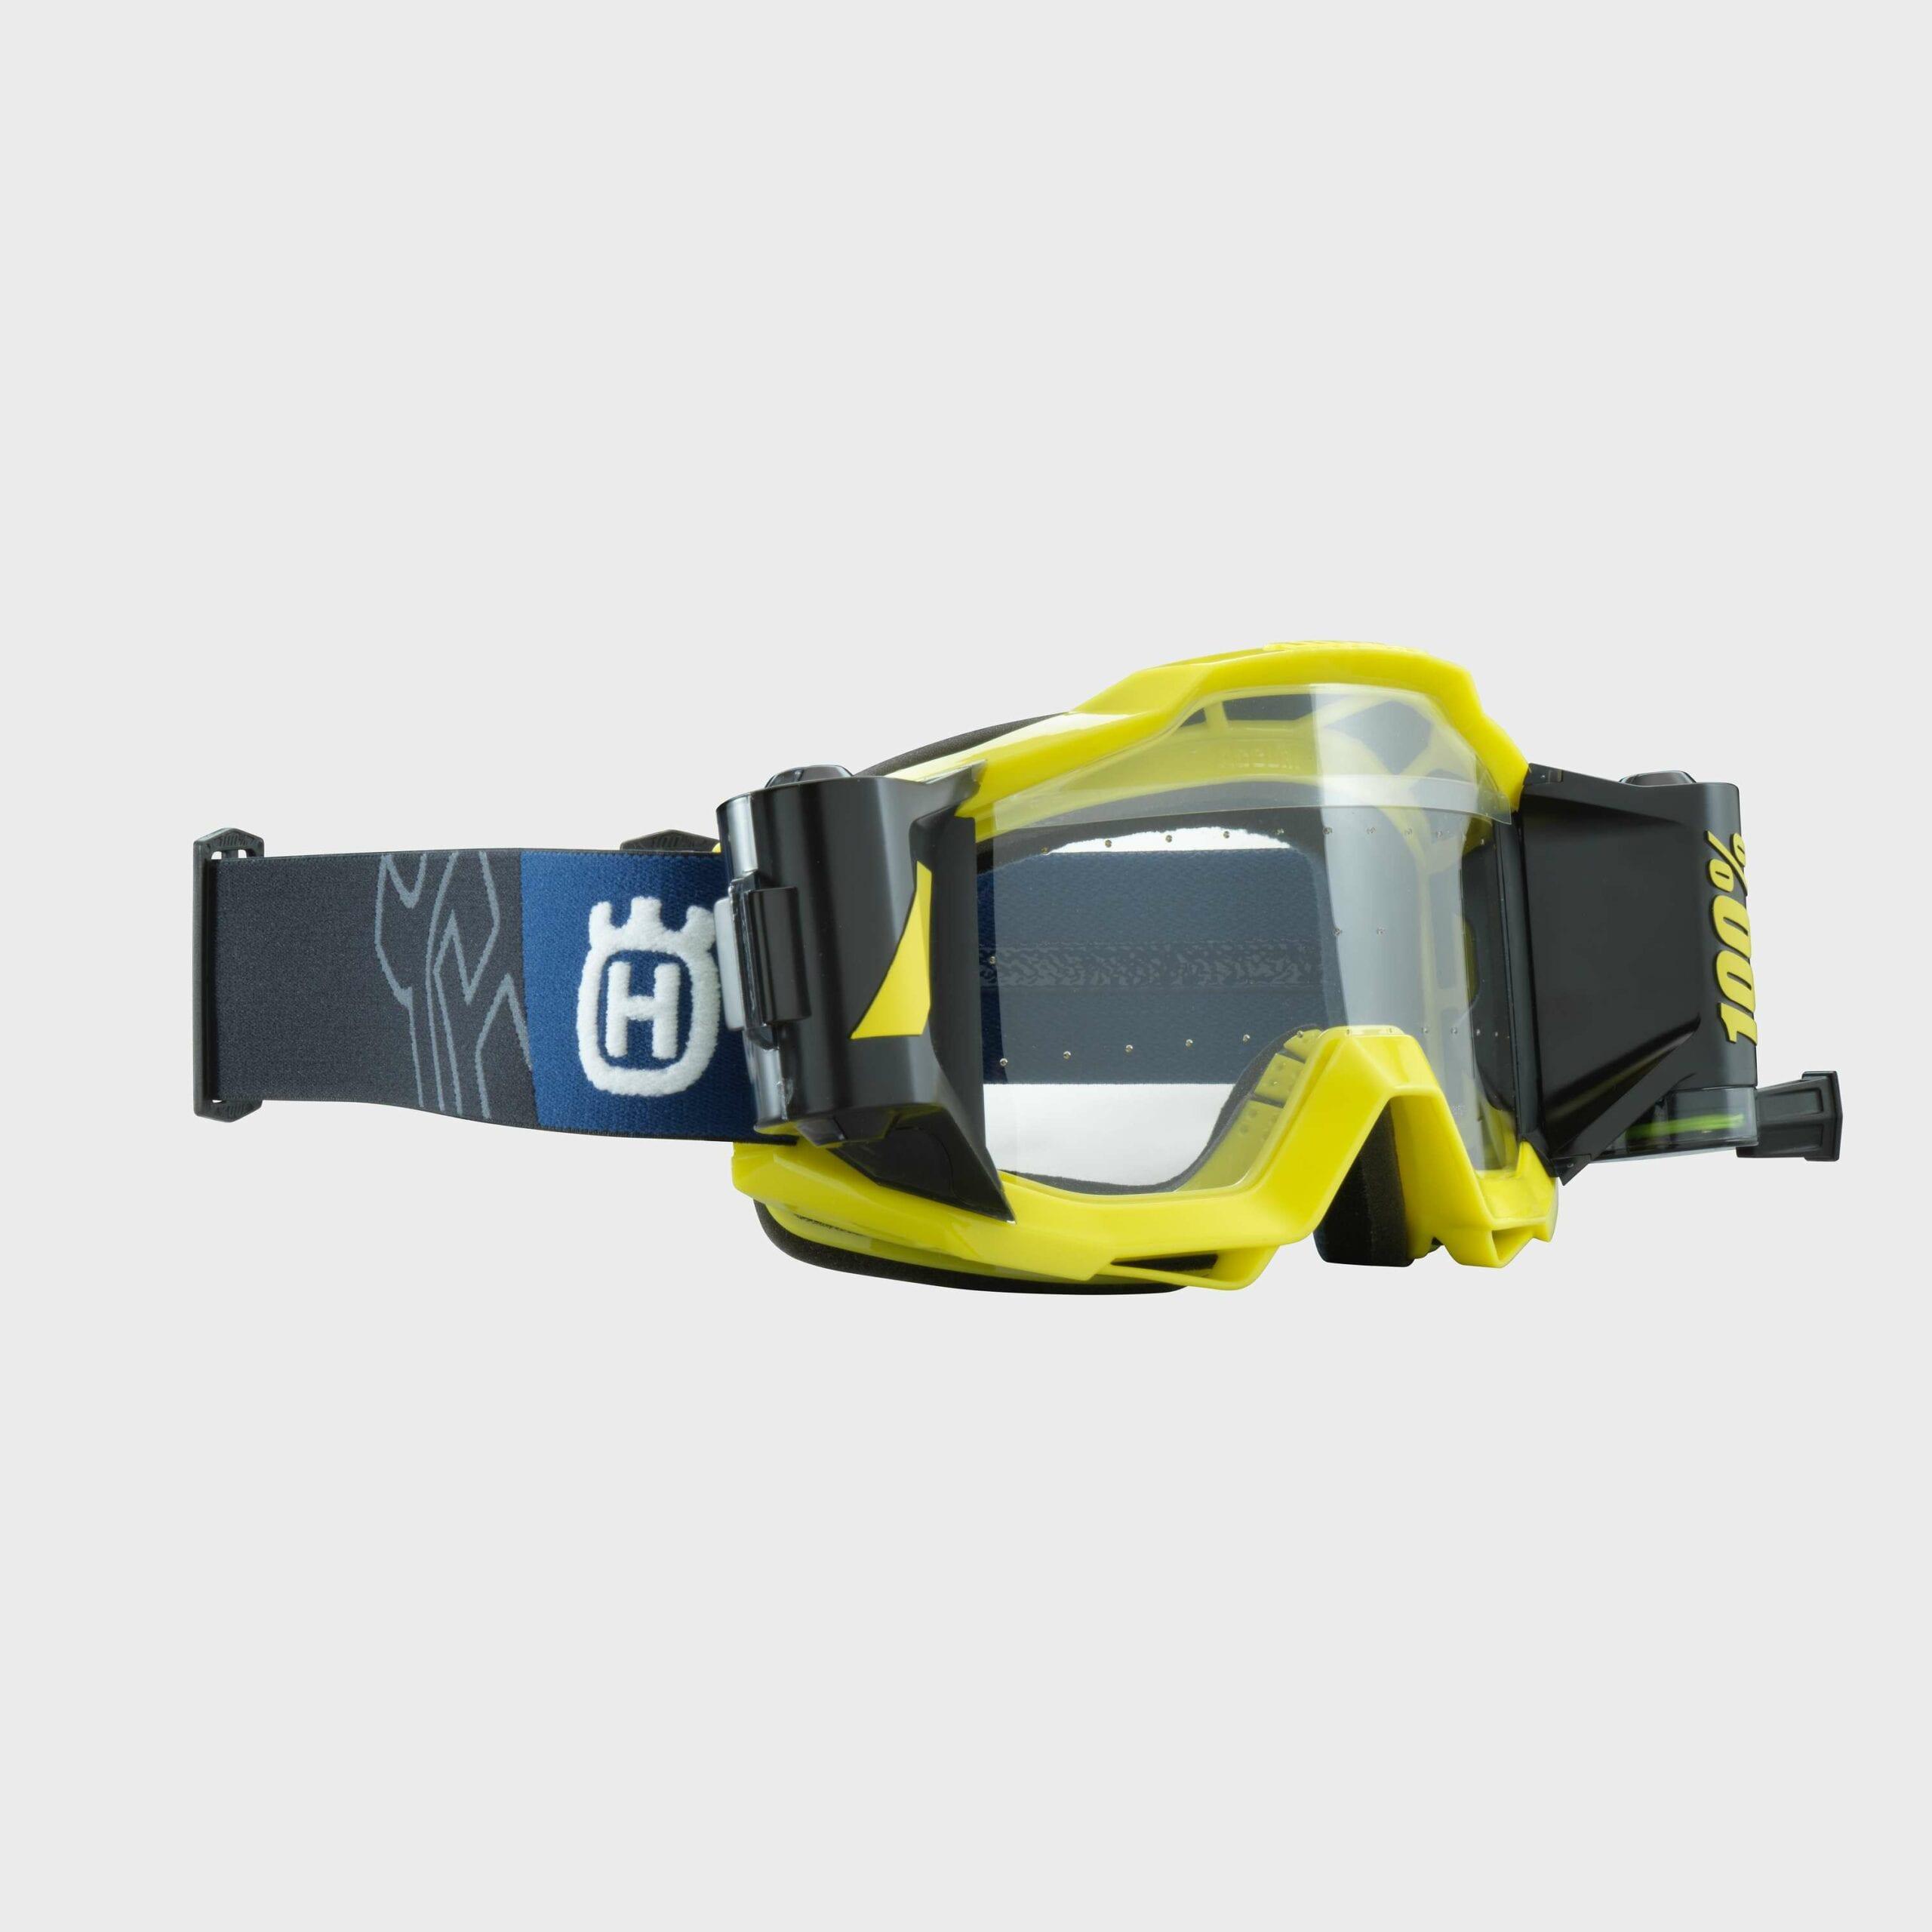 100% accuri mud goggles R4 moto's Husqvarnaos 3HS210032500